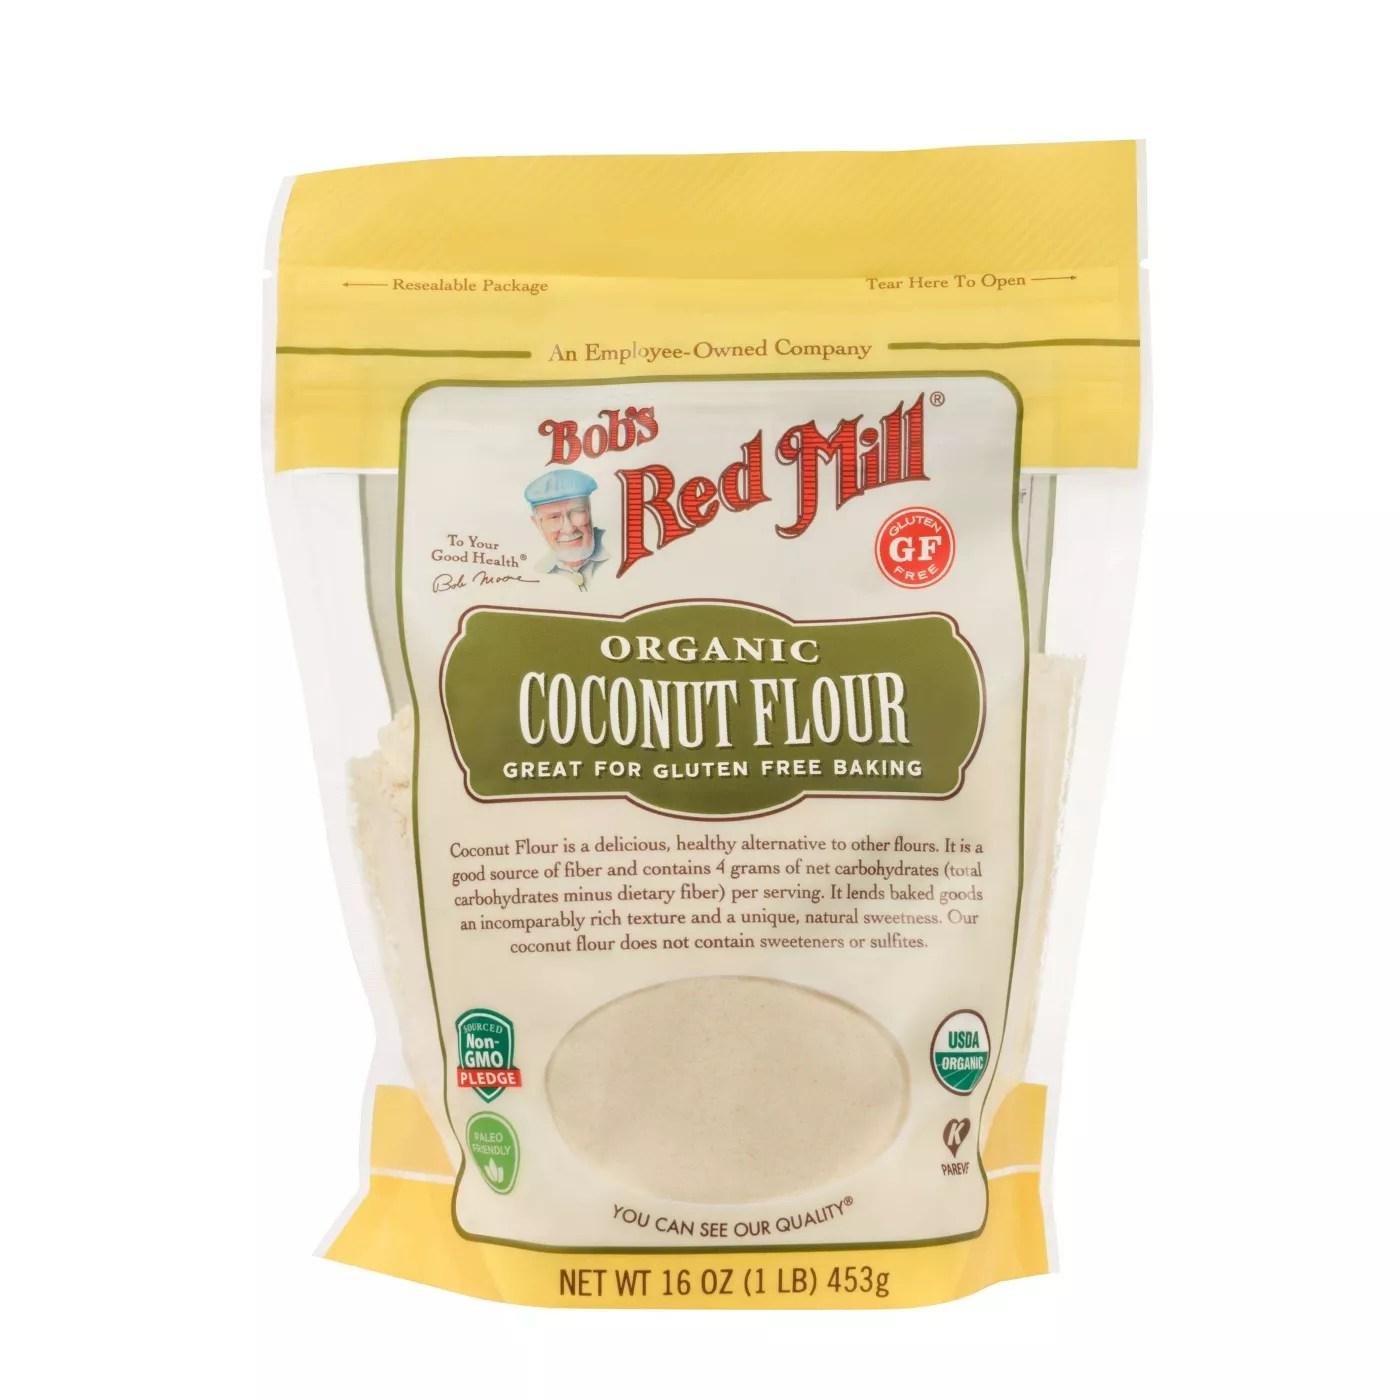 Bobs Red Mill 오가닉 코코넛 플라어, 453g, 1개